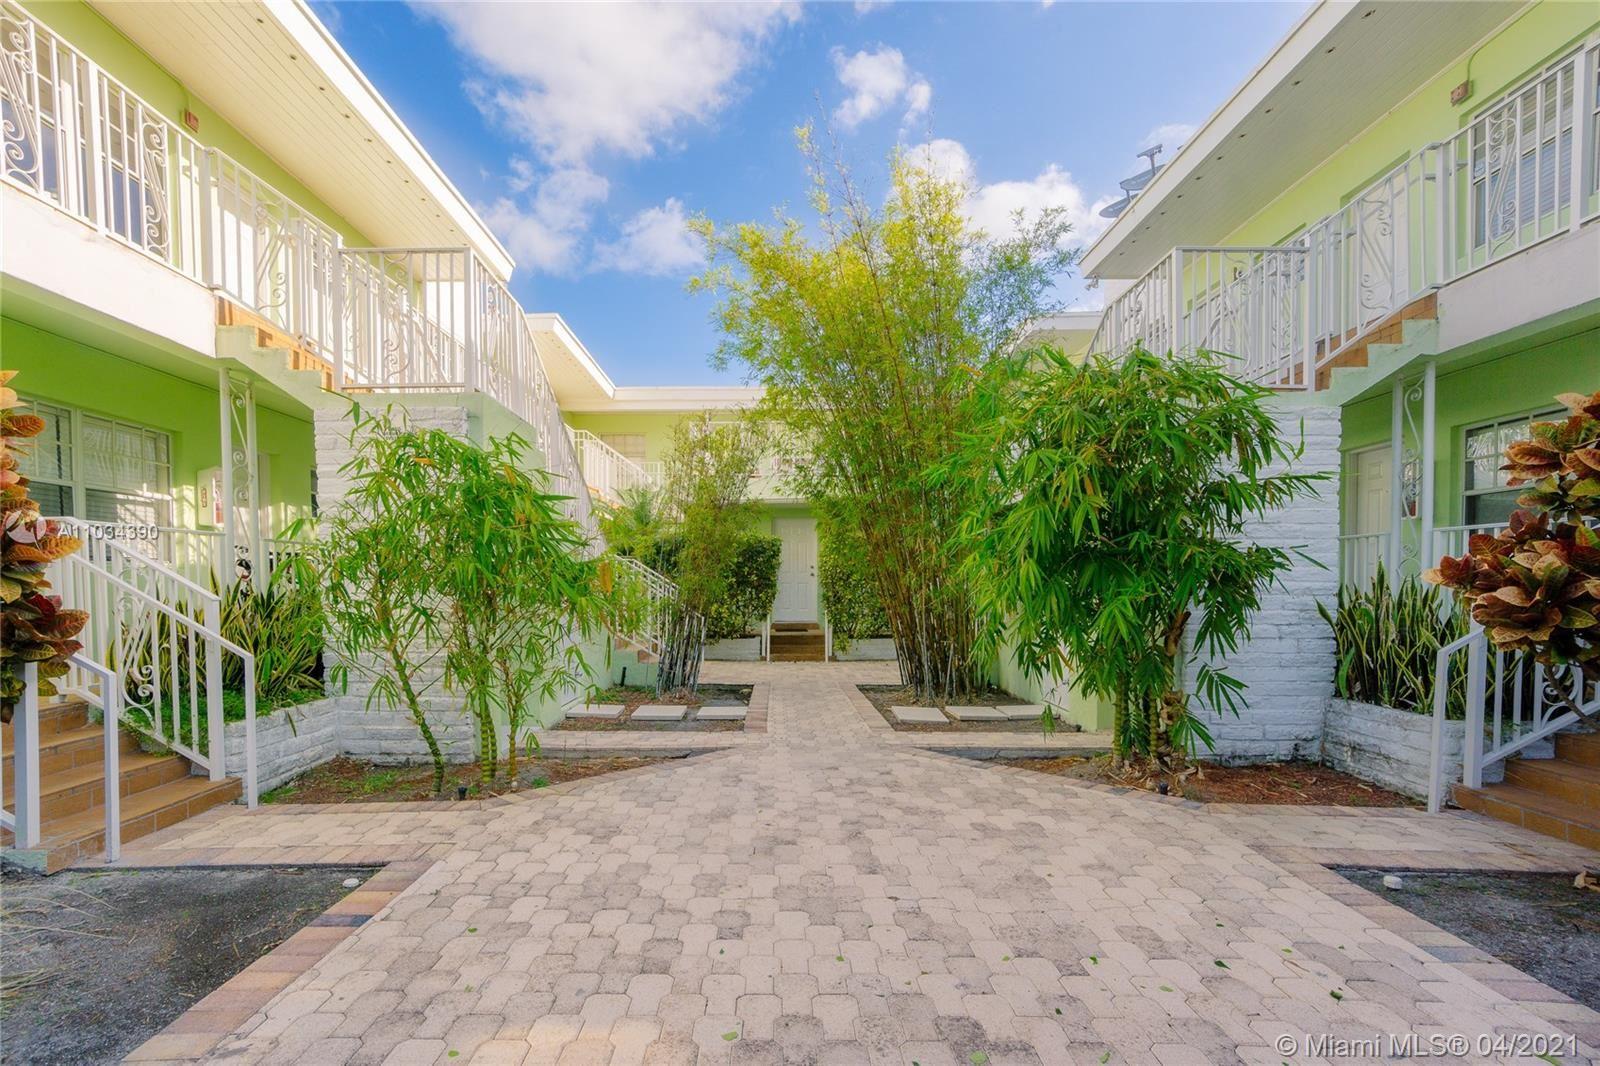 915 8th St #105, Miami Beach, FL 33139 - #: A11034390